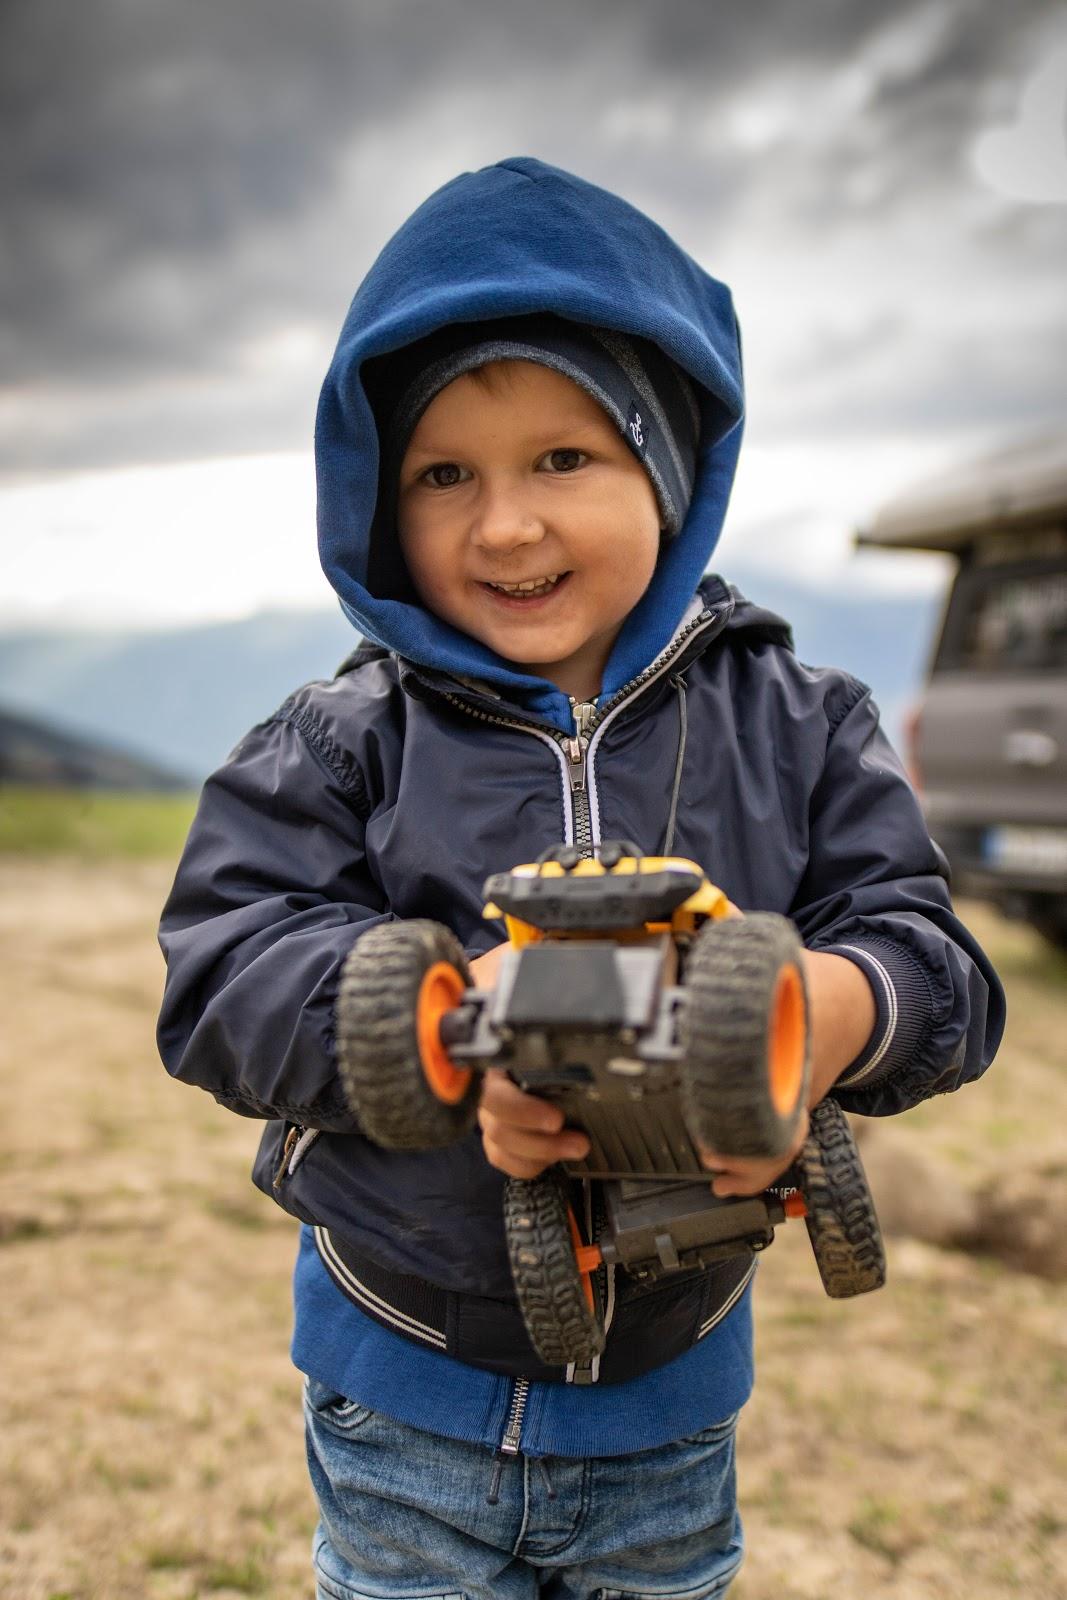 Junge lächelt in die Kamera mit Bagger in der Hand